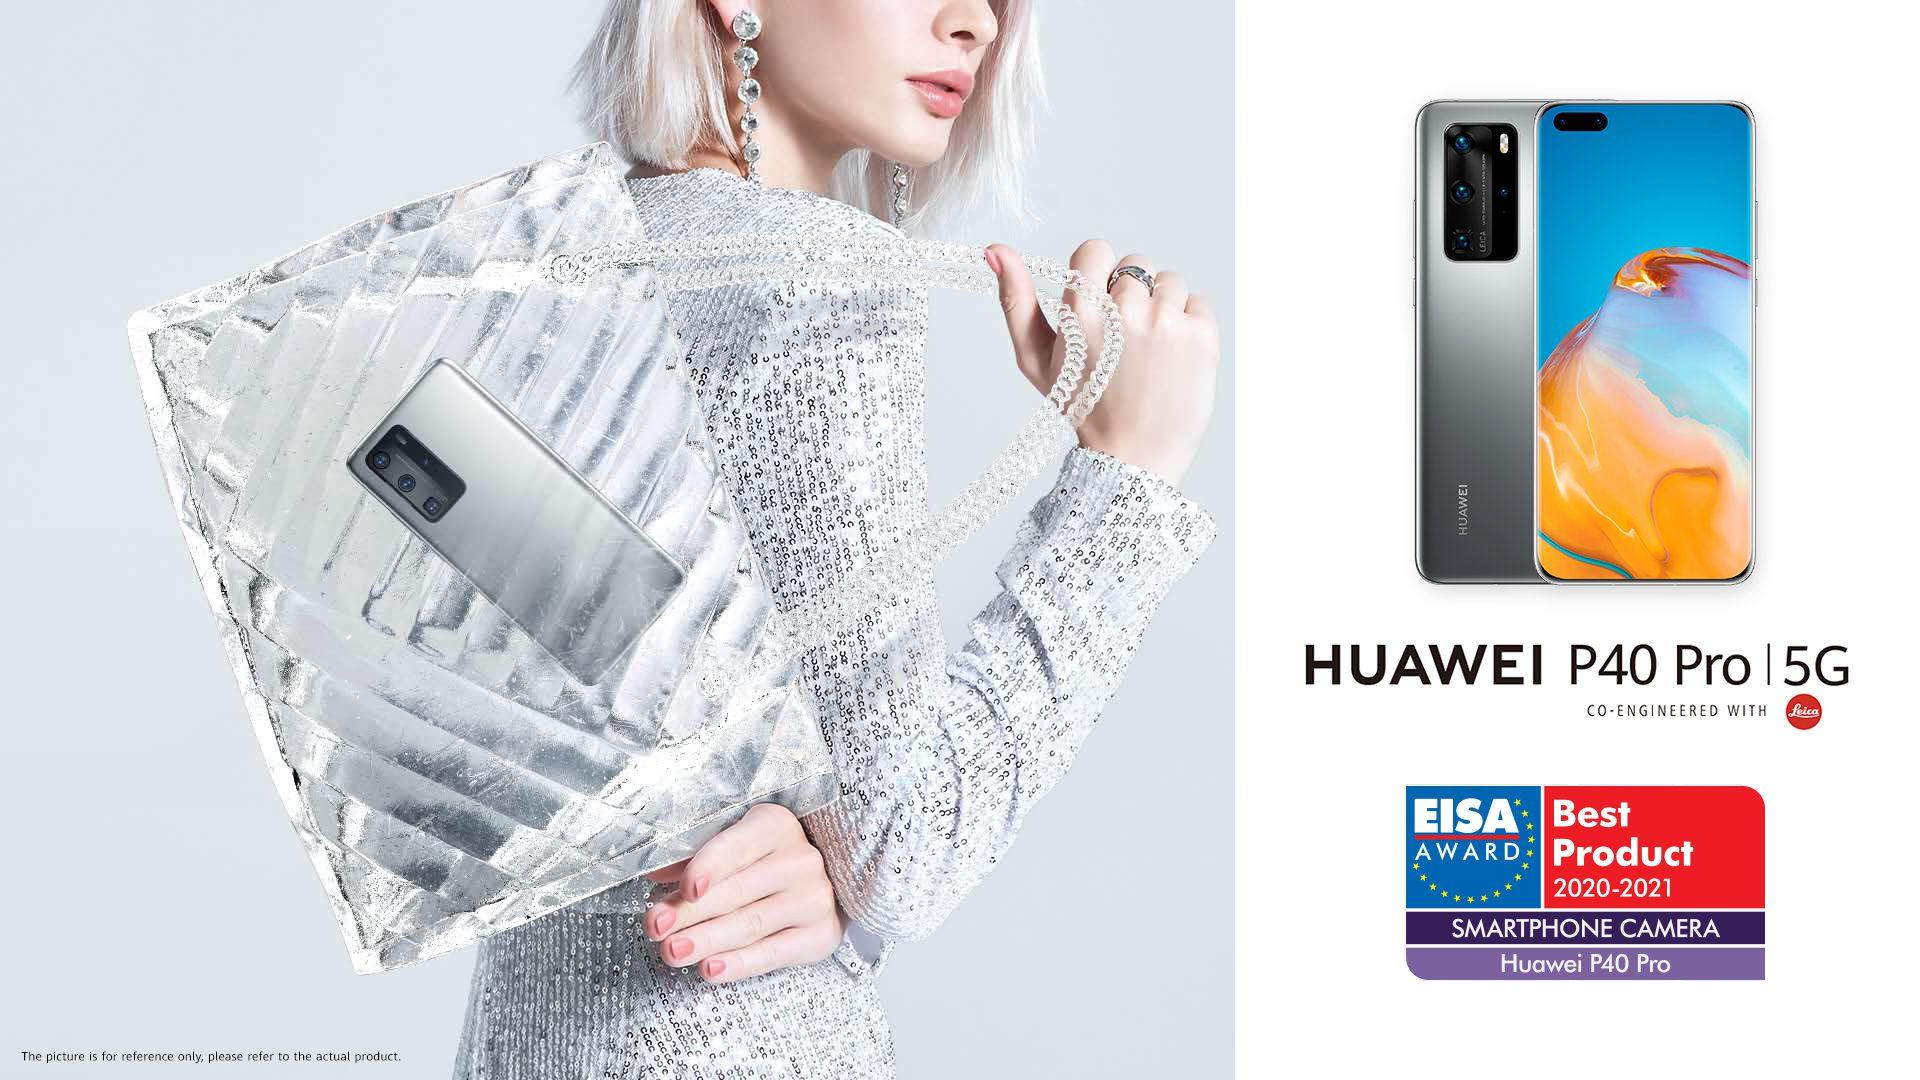 Huawei P40 Pro nagroda EISA